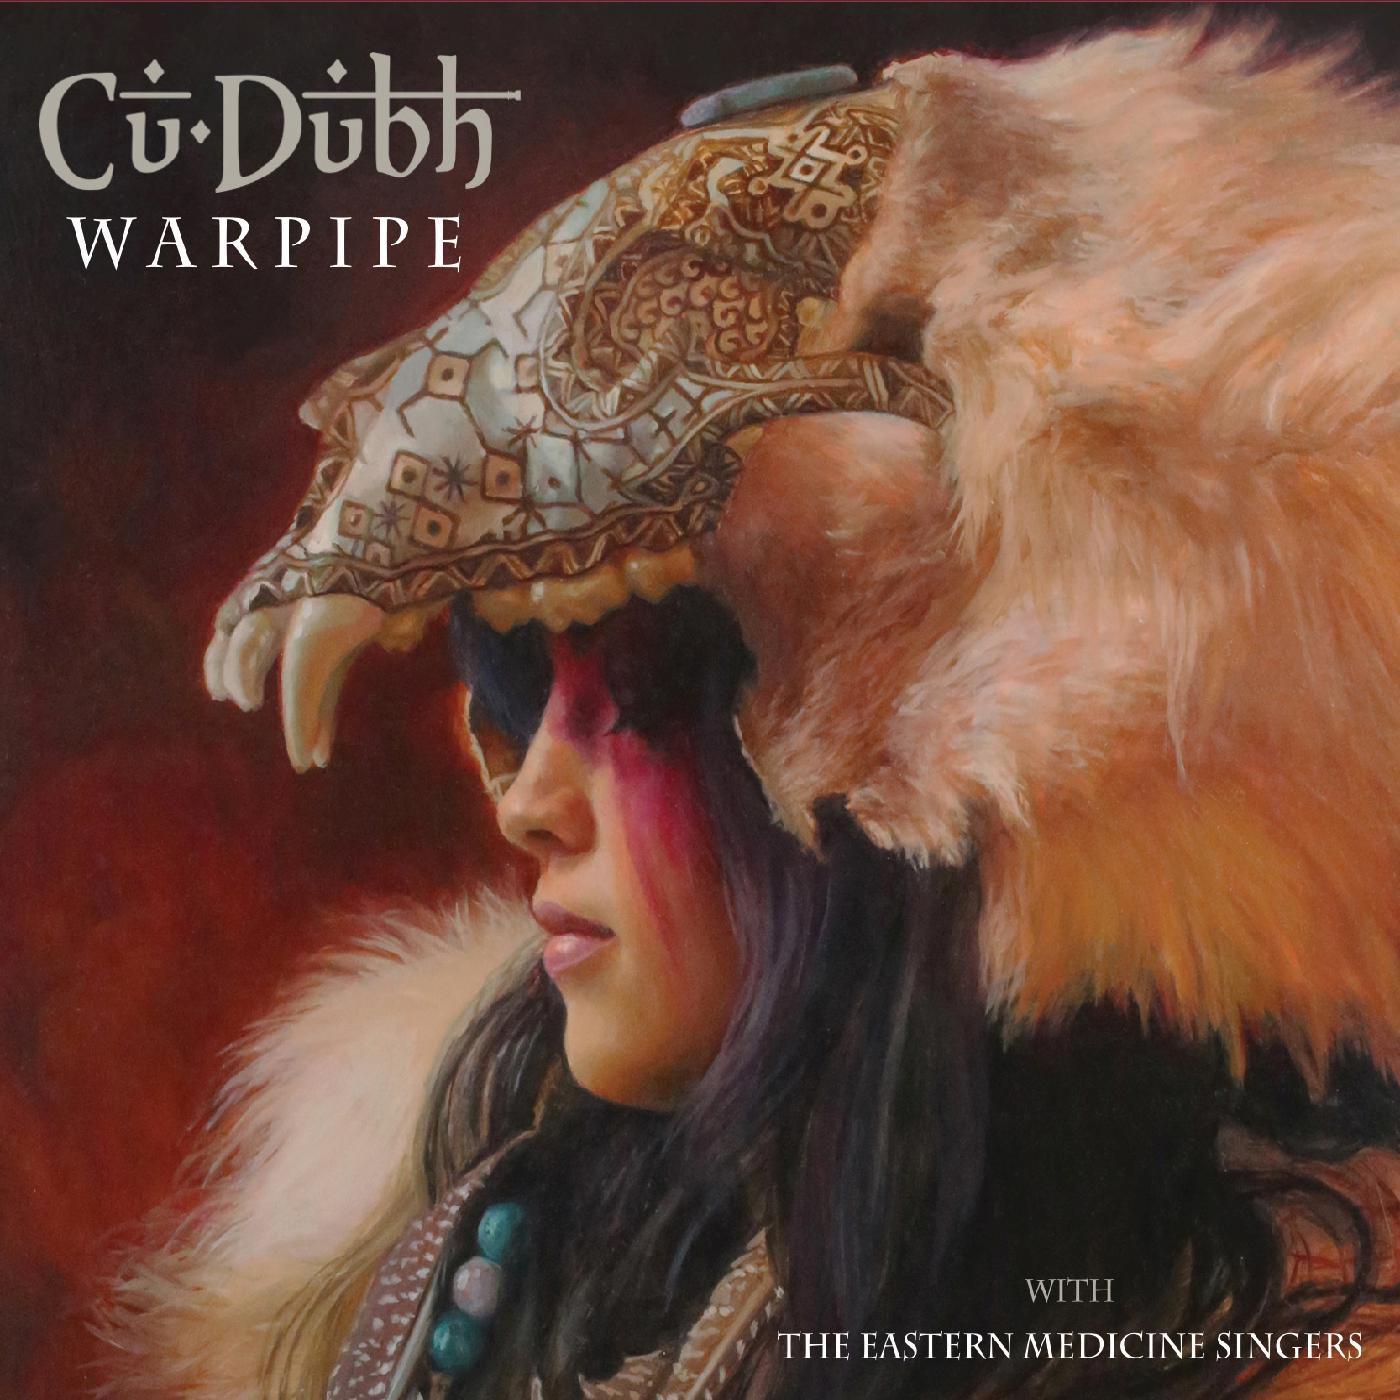 Cu Dubh - Warpipe